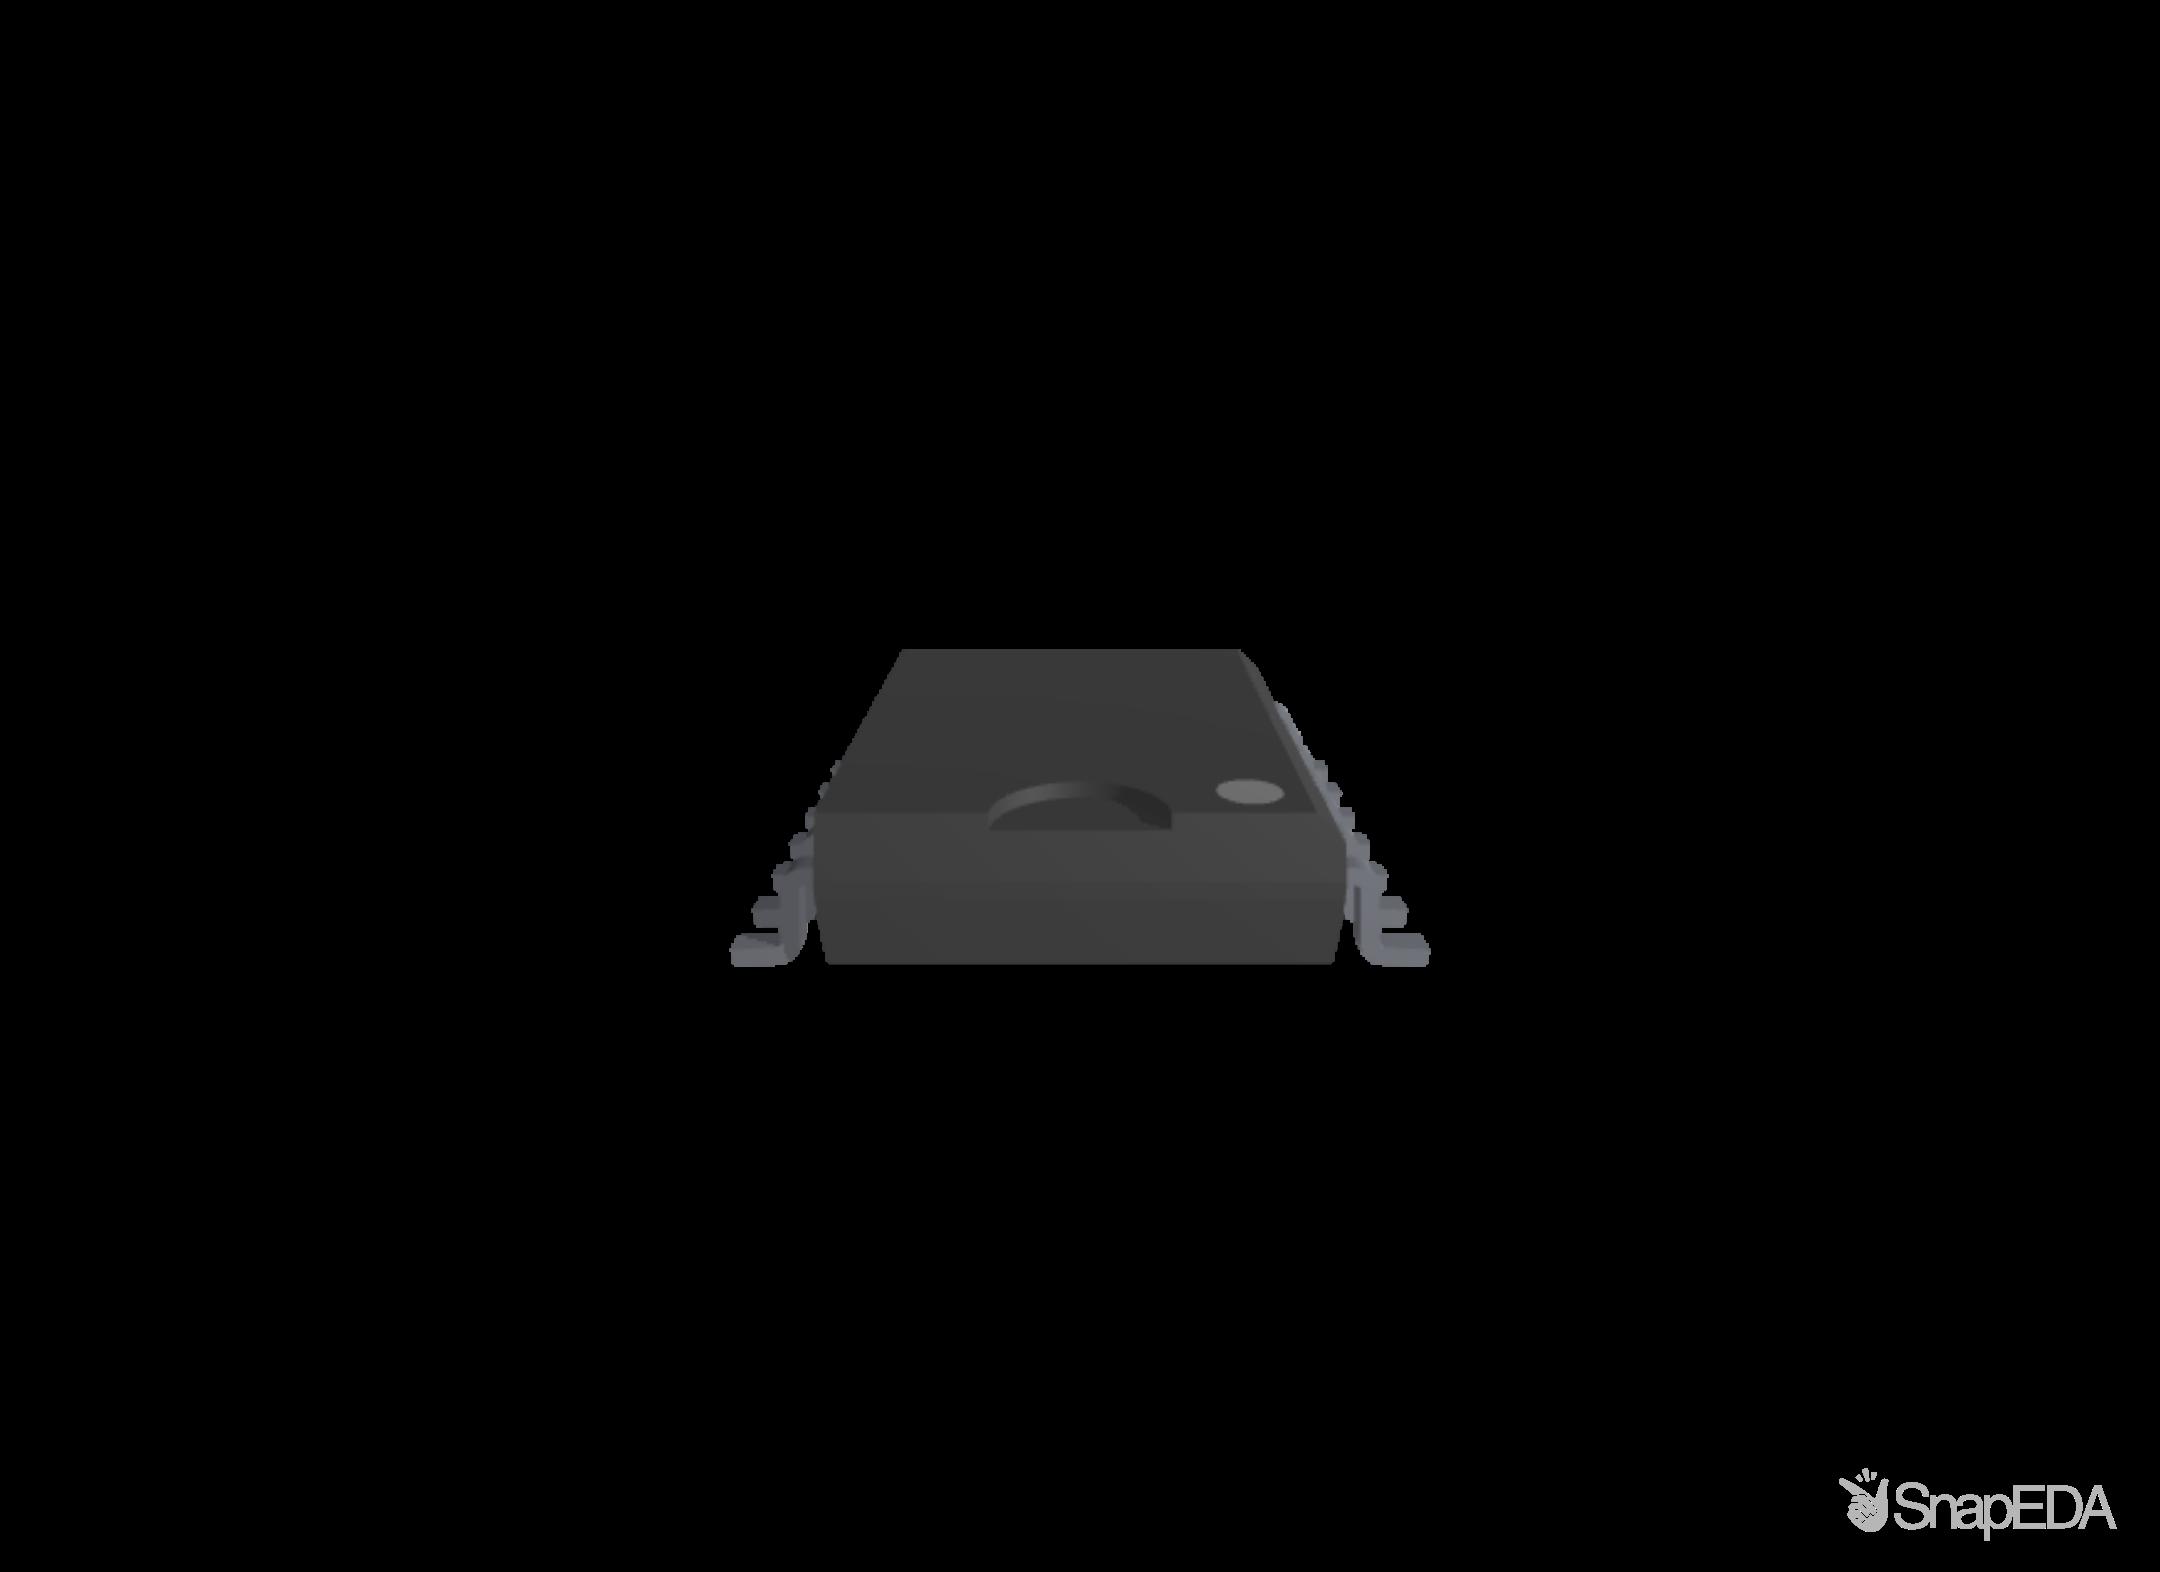 LM10CWM/NOPB 3D Model